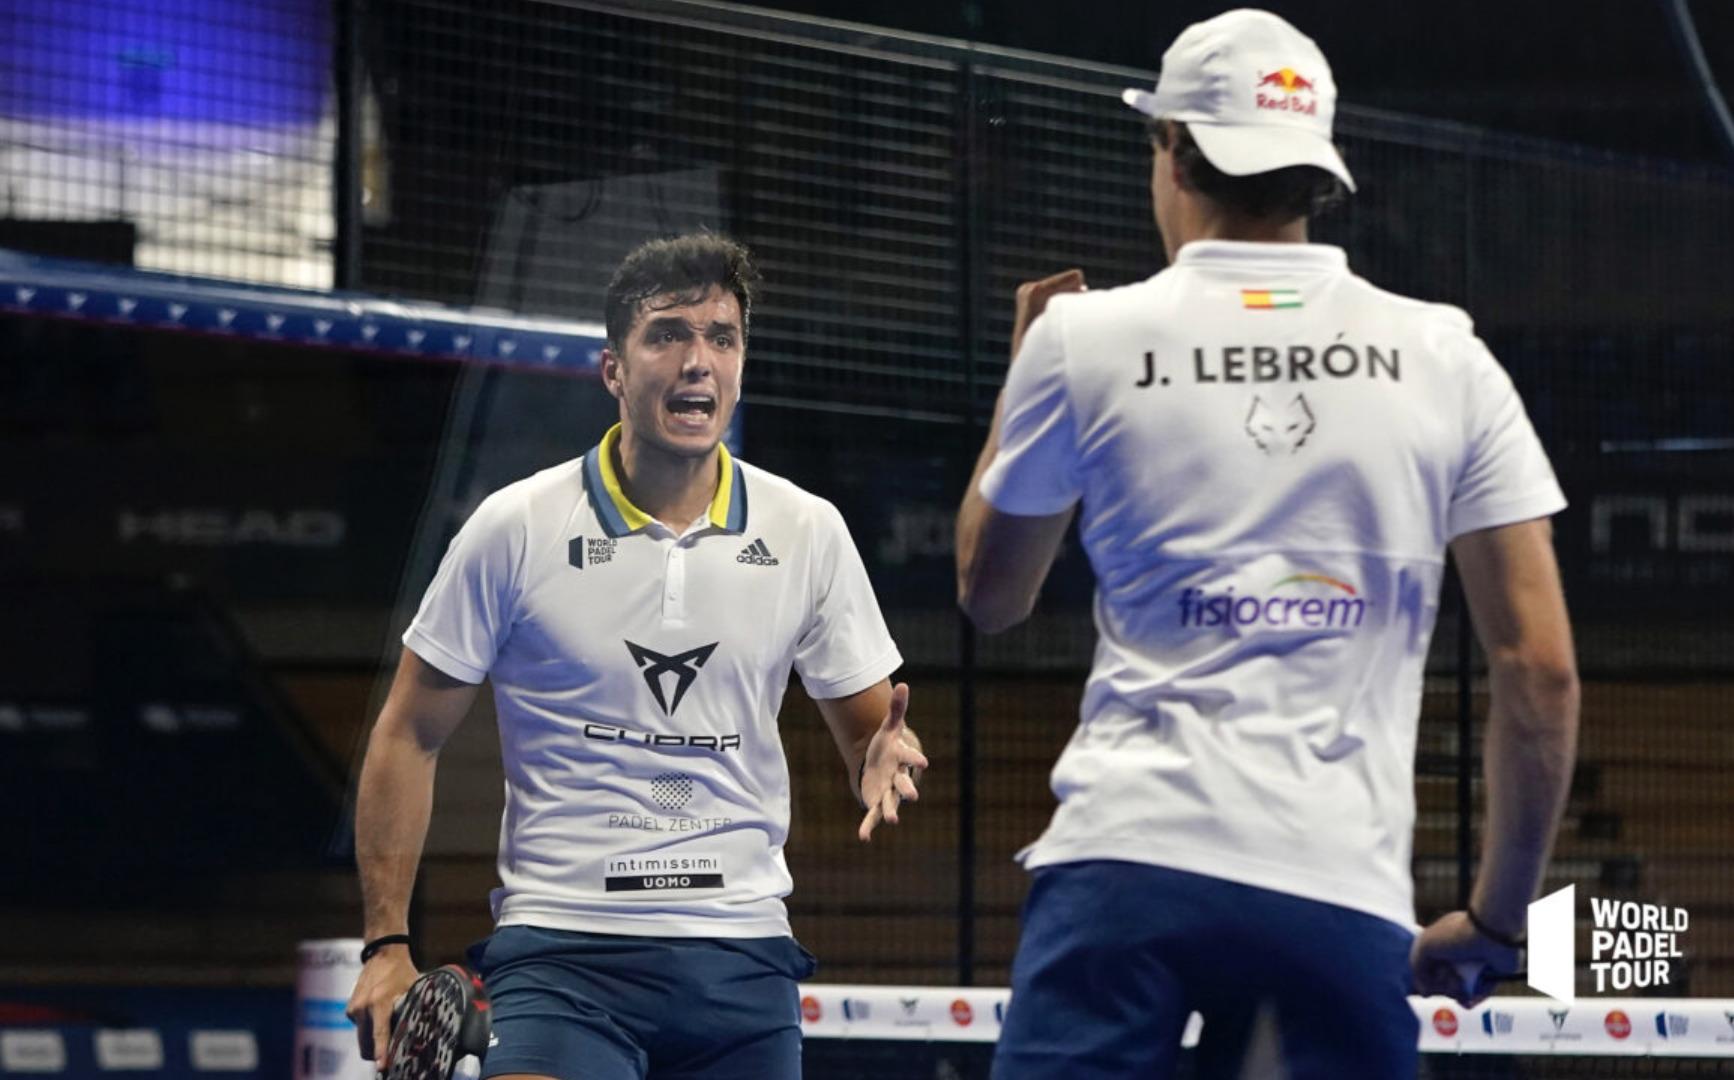 Lebron MVP Final Santander Open 2021 Padel